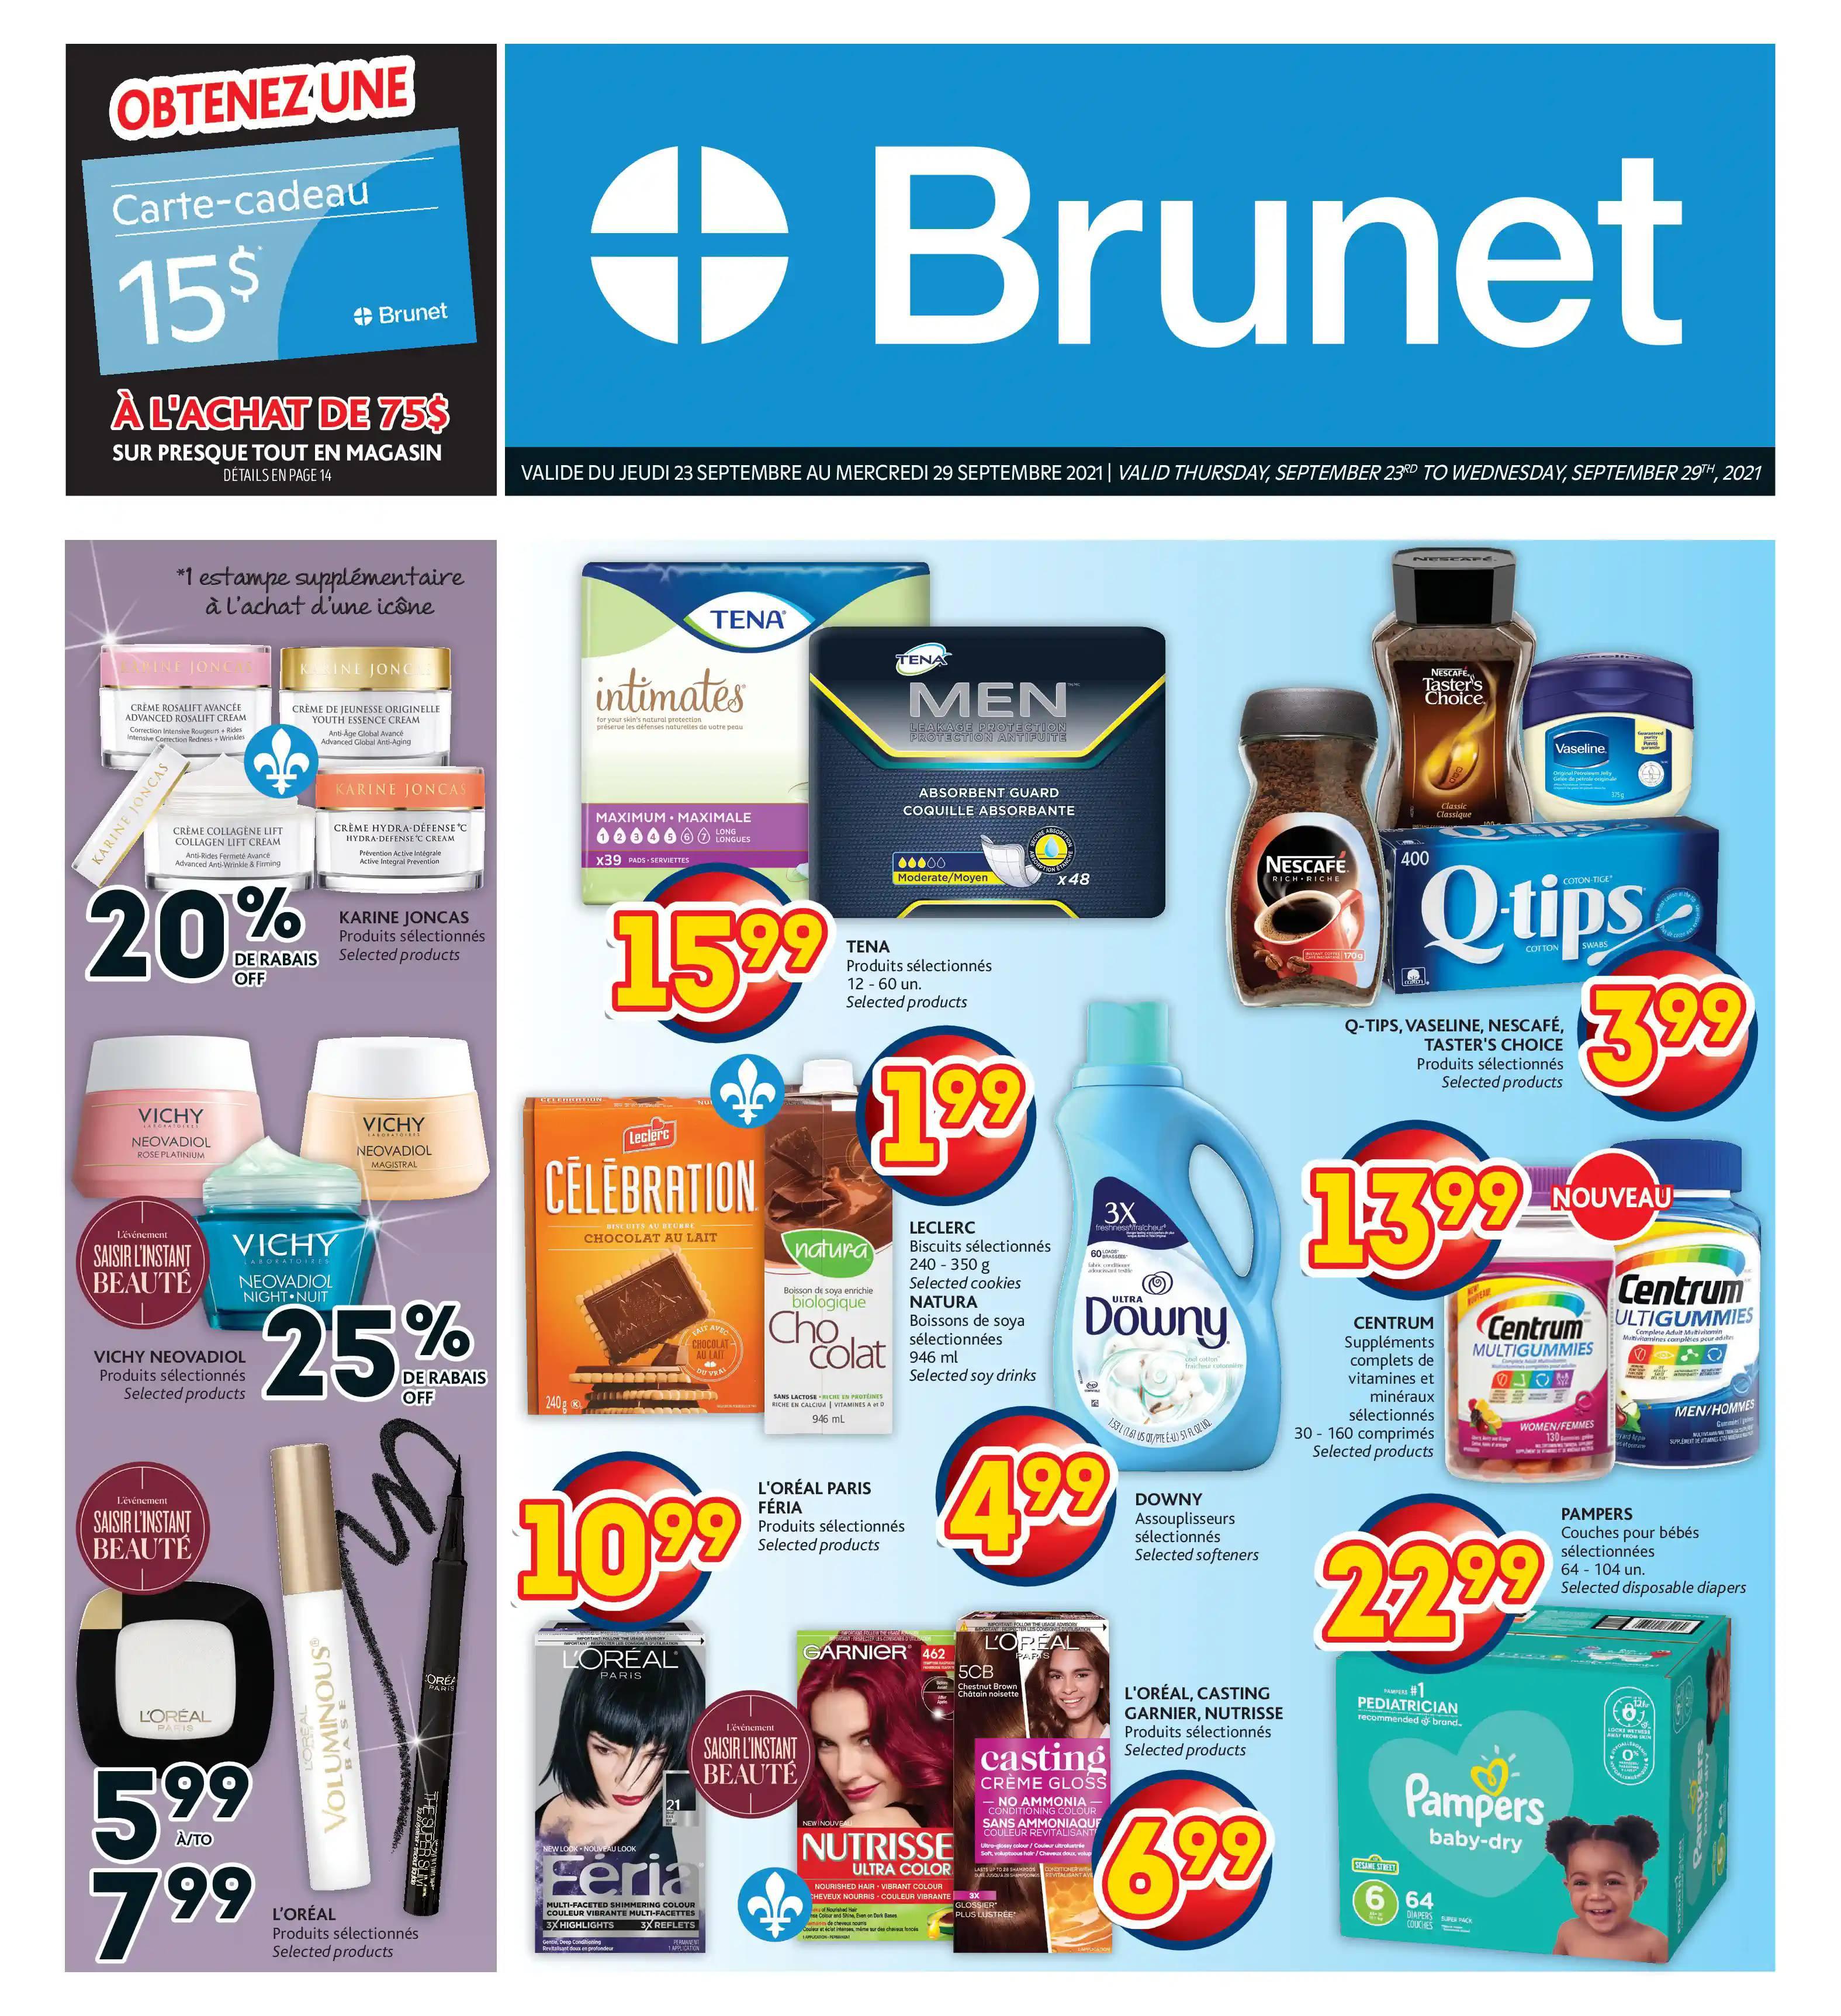 Circulaire Brunet - Pharmacie du 23 au 29 Septembre 2021 - Page 3